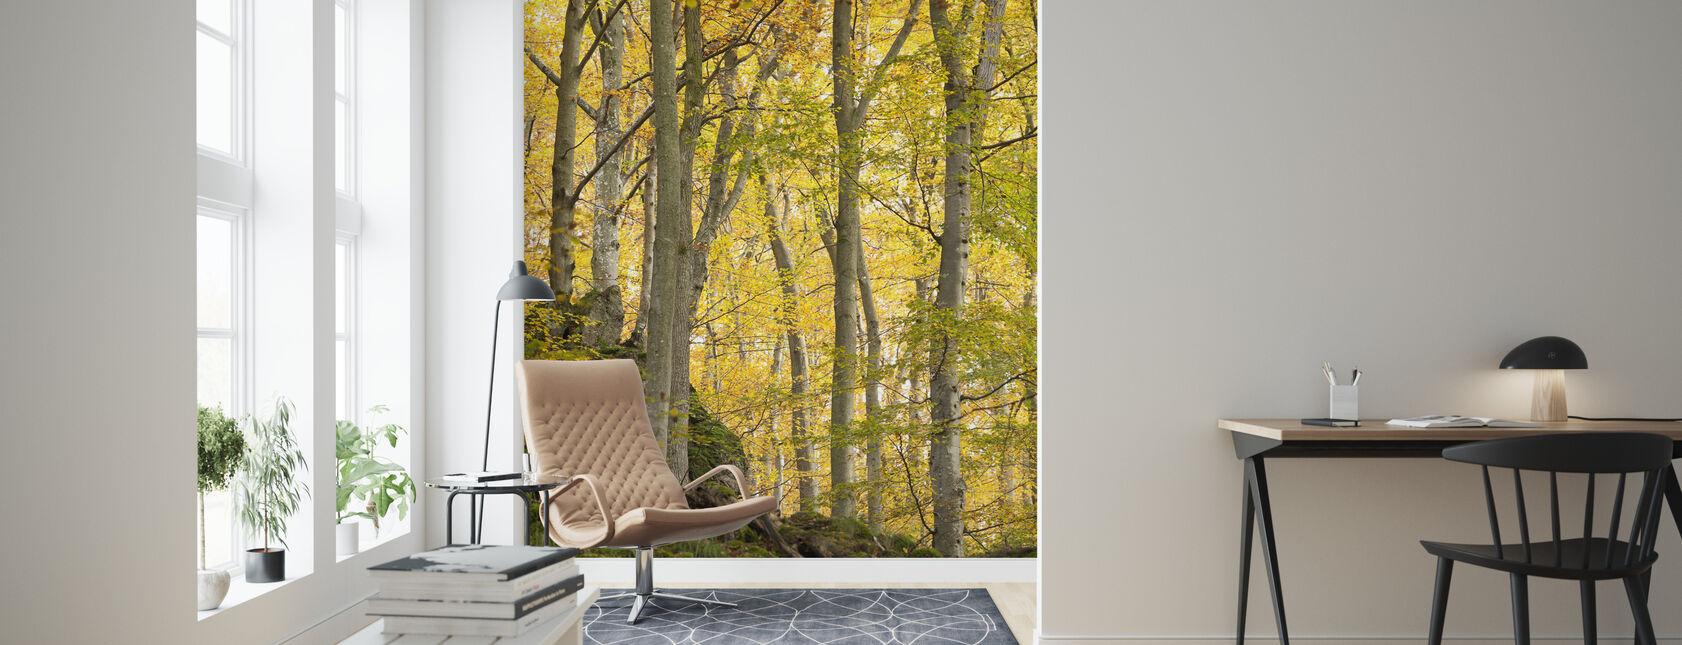 Herbst Espenbaum - Tapete - Wohnzimmer